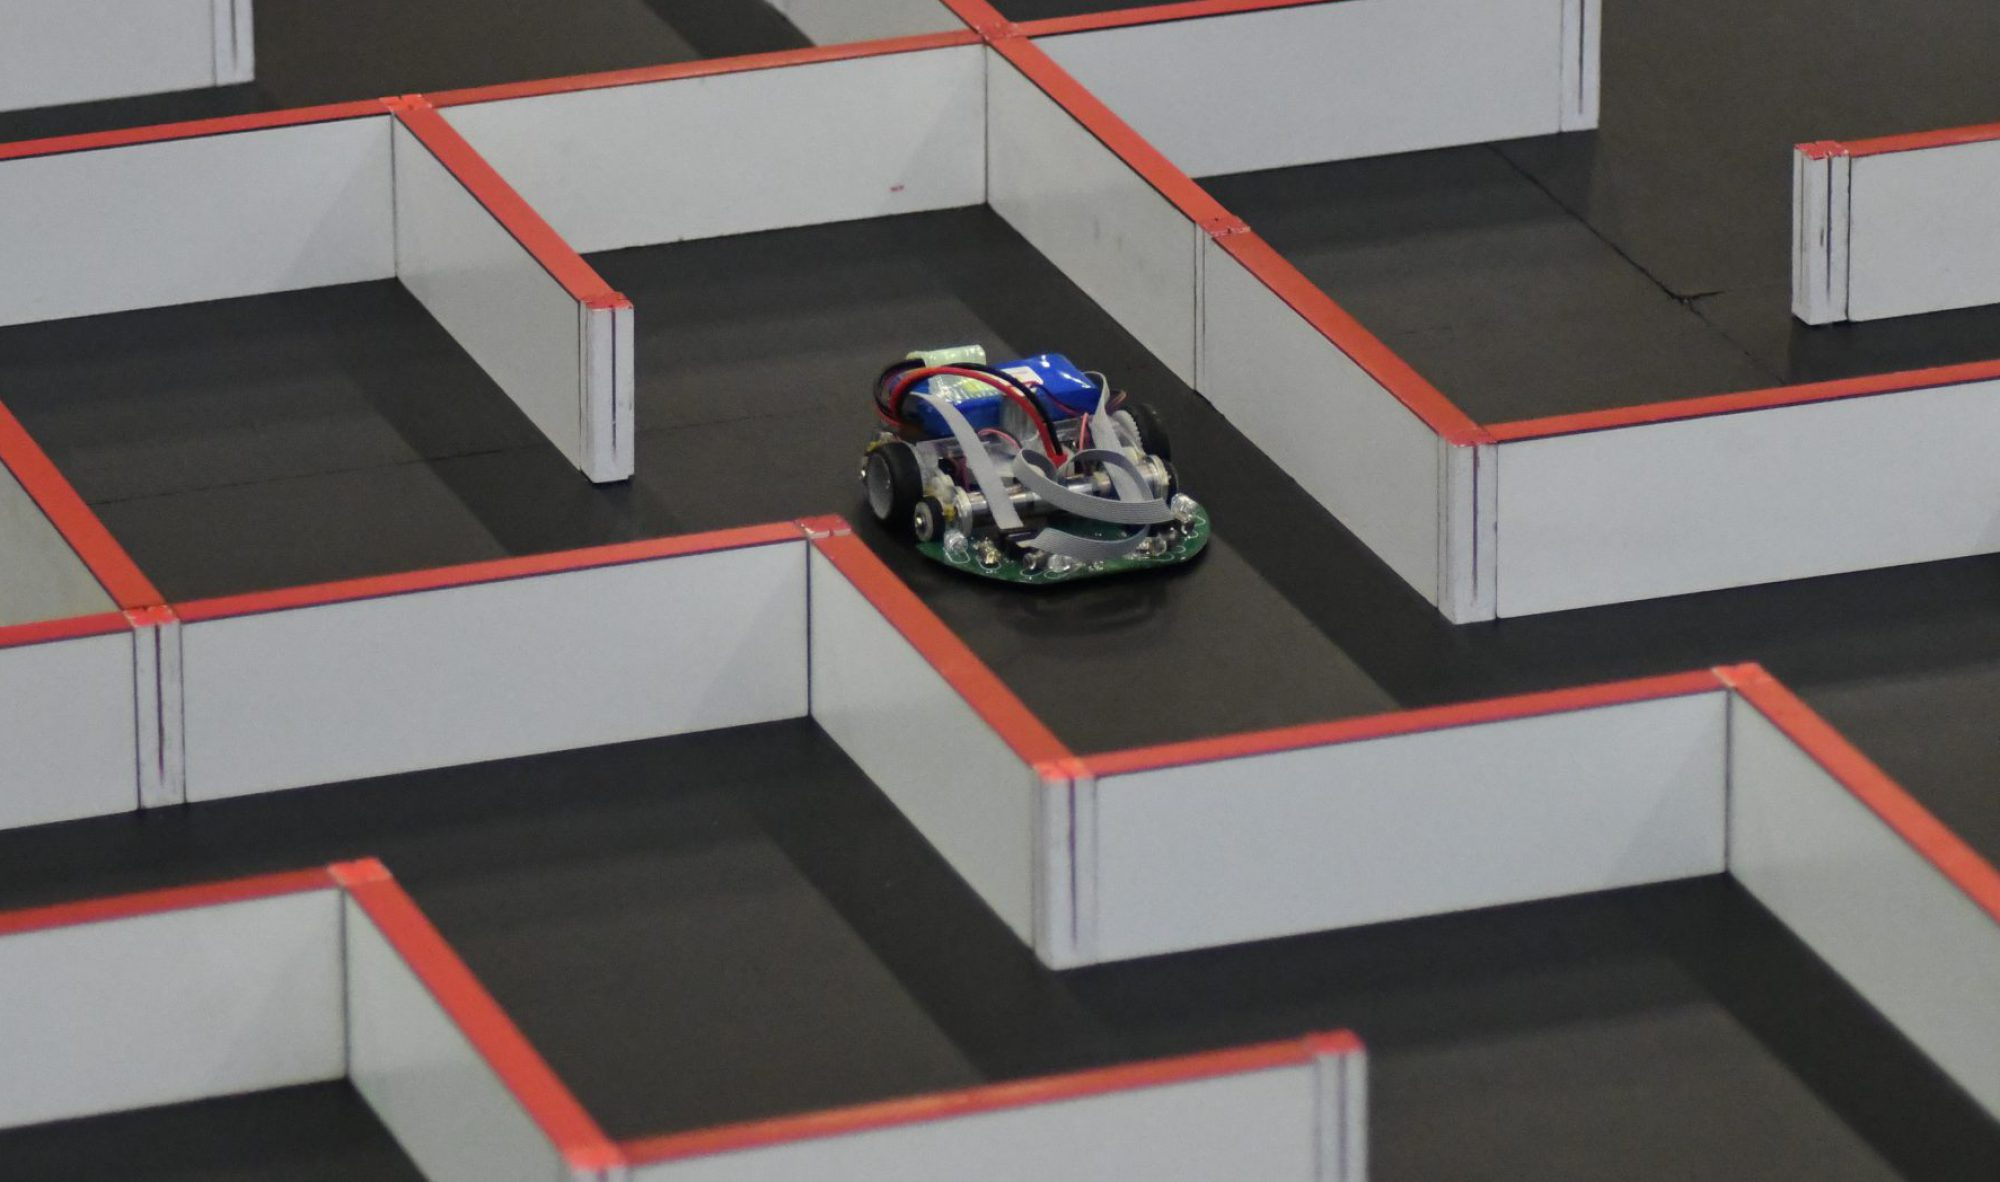 第35回全日本学生マイクロマウス大会